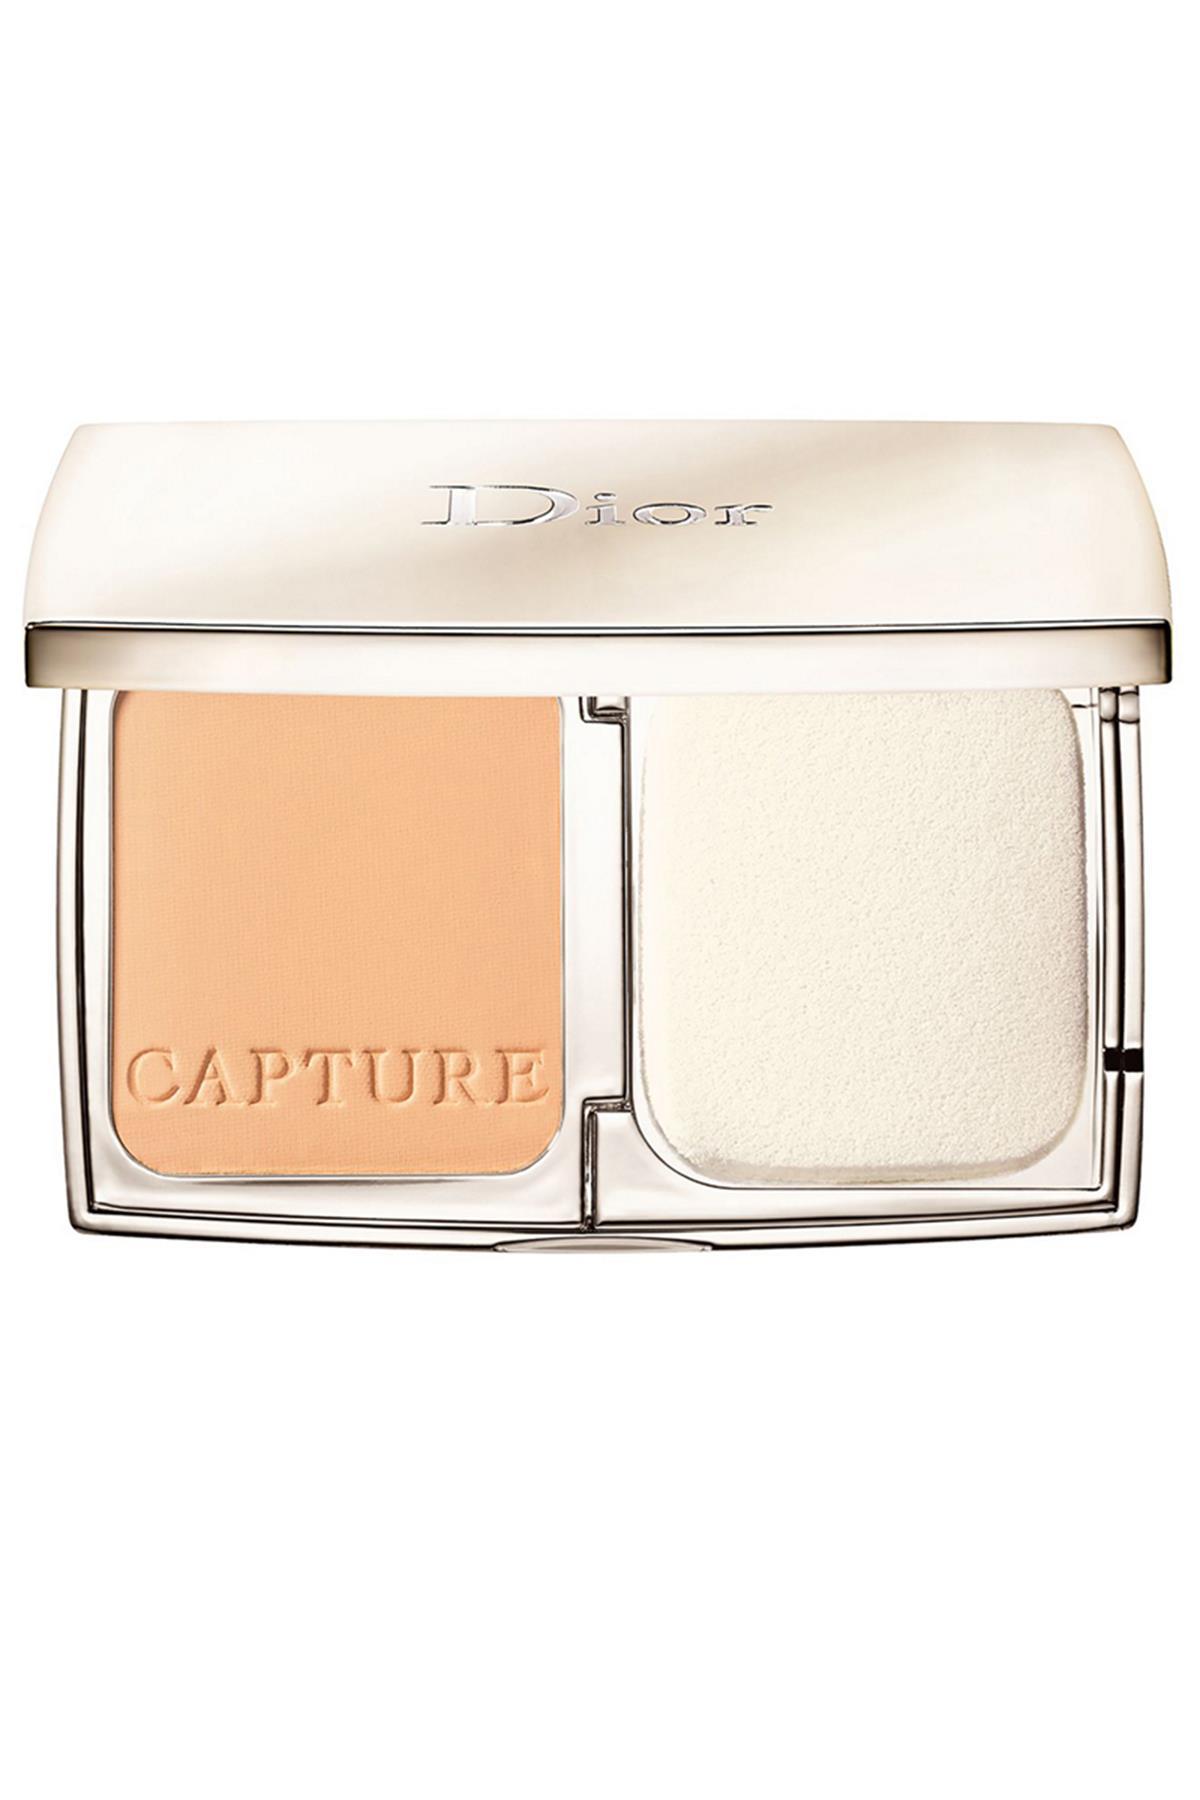 Dior Capture Totale Compact Fondöten 023 Peach